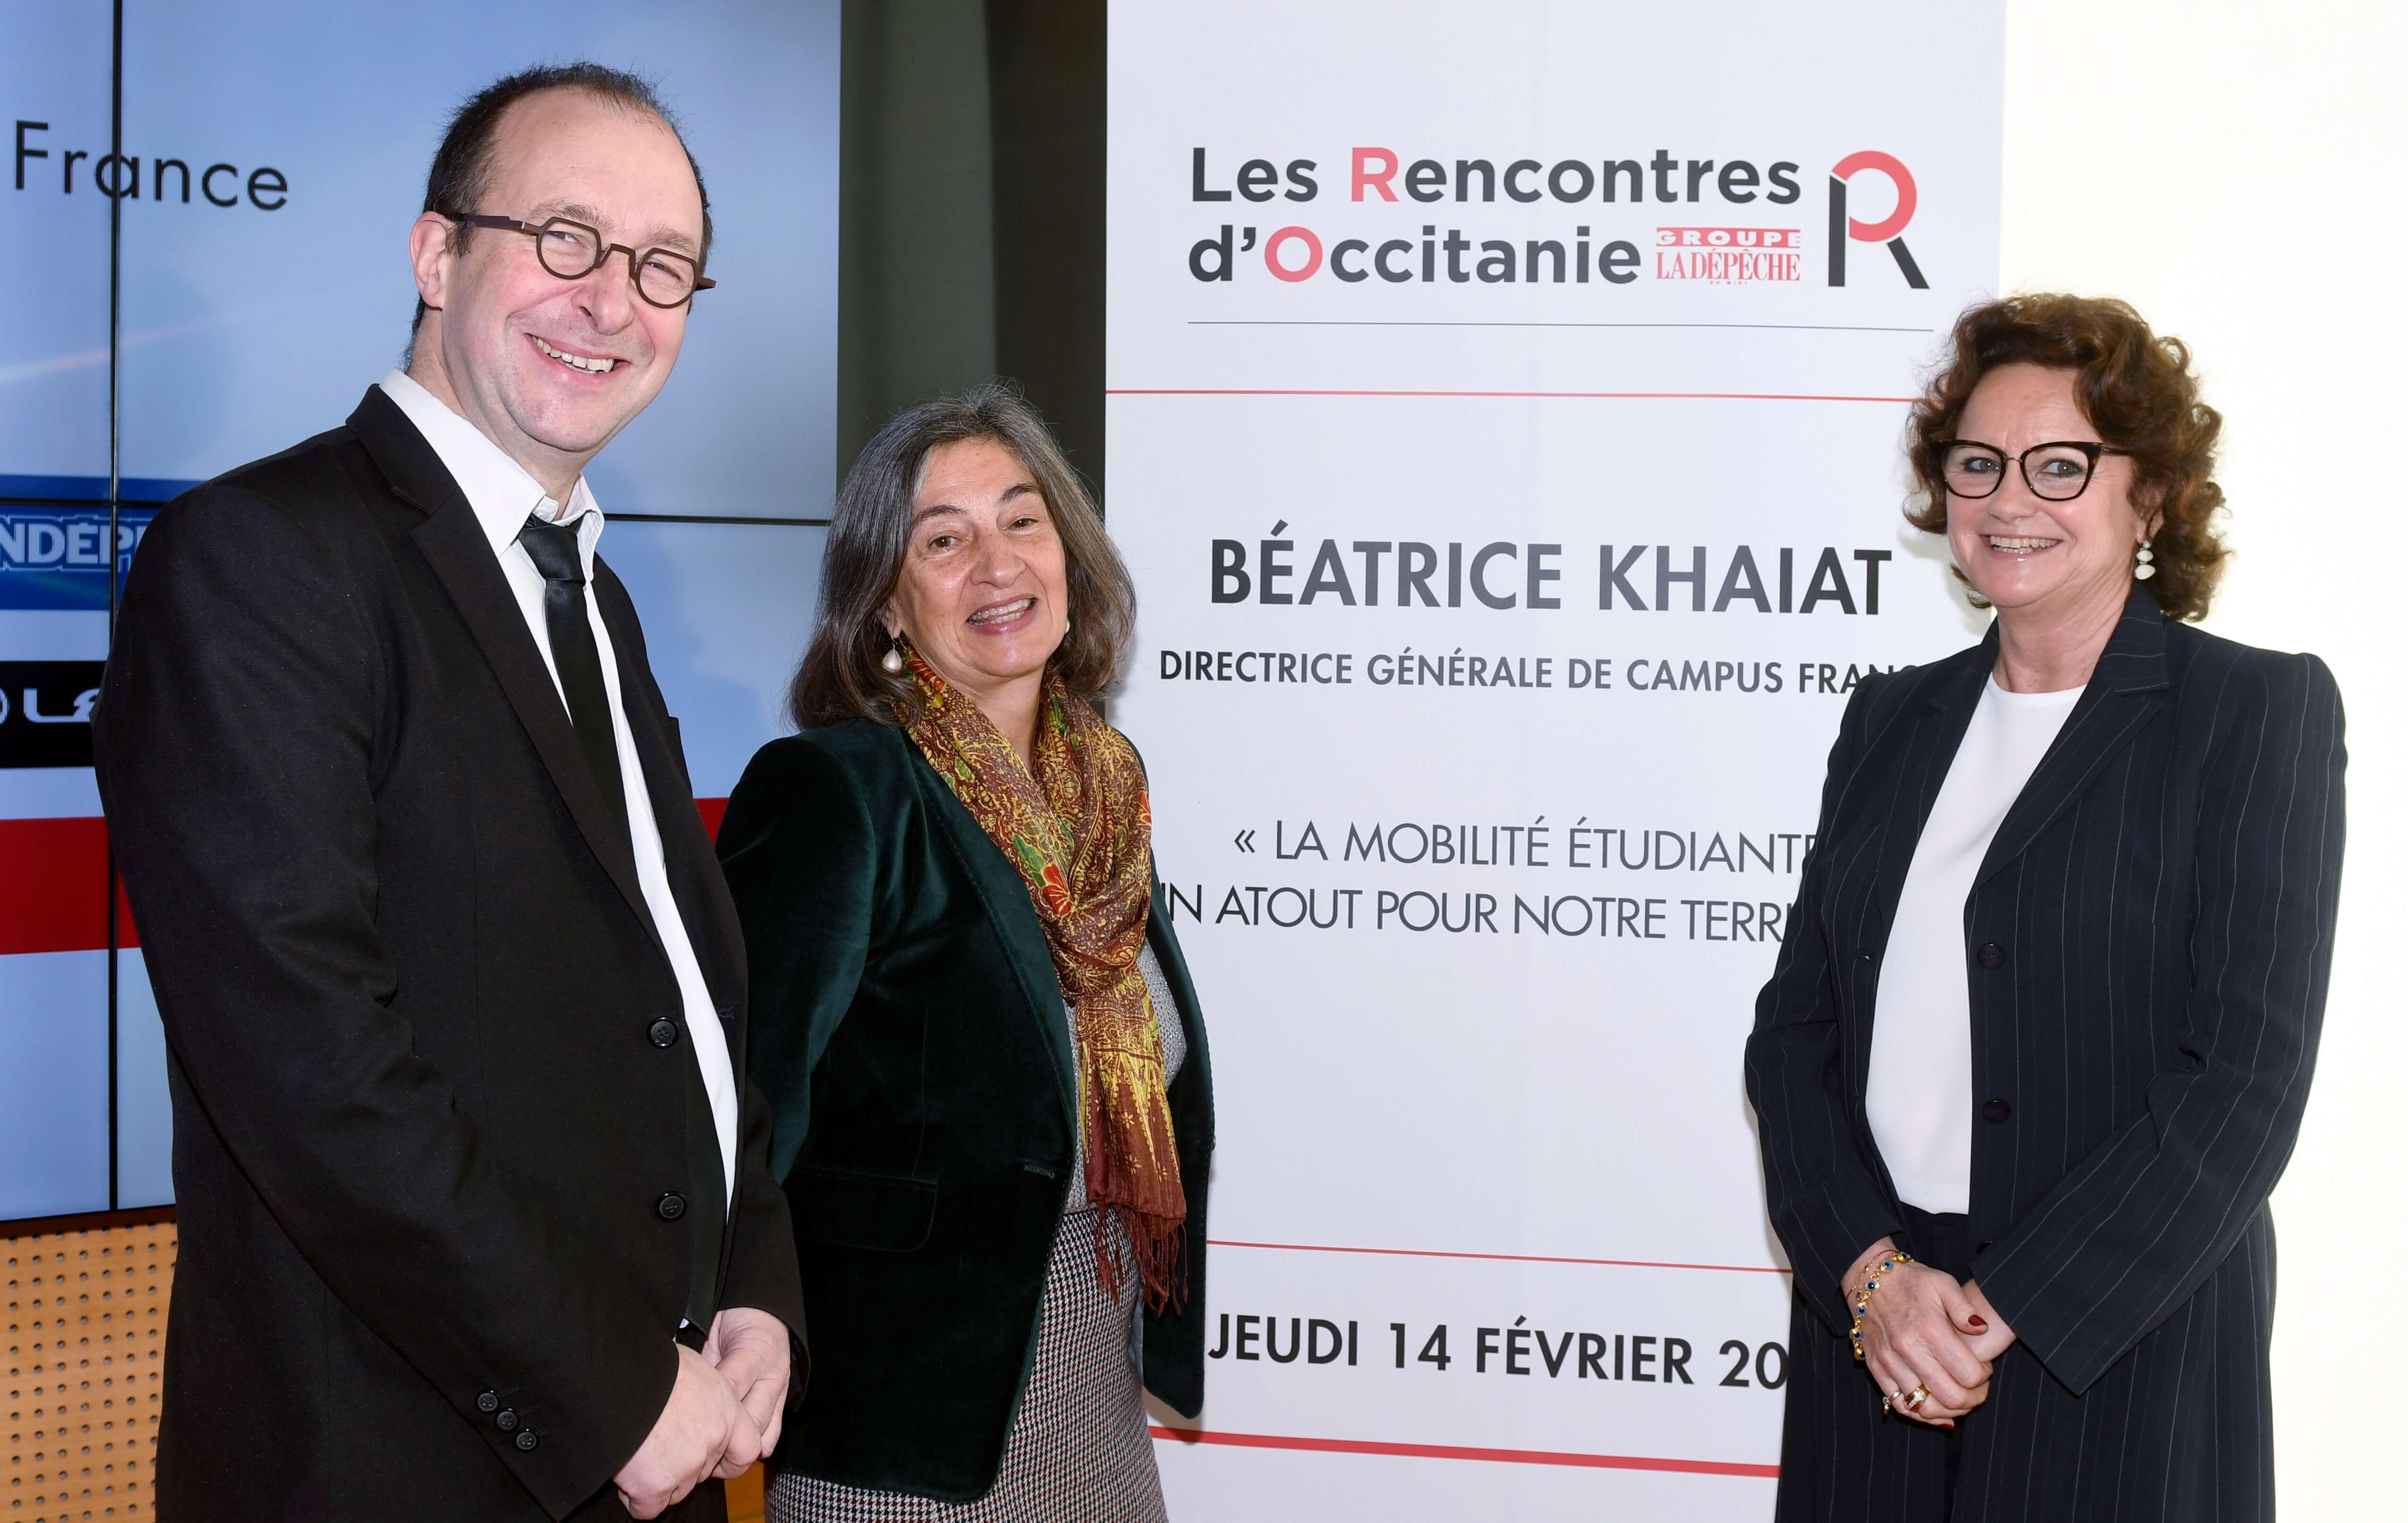 Une rencontre entre patients et professionnels au Mans Innovation.